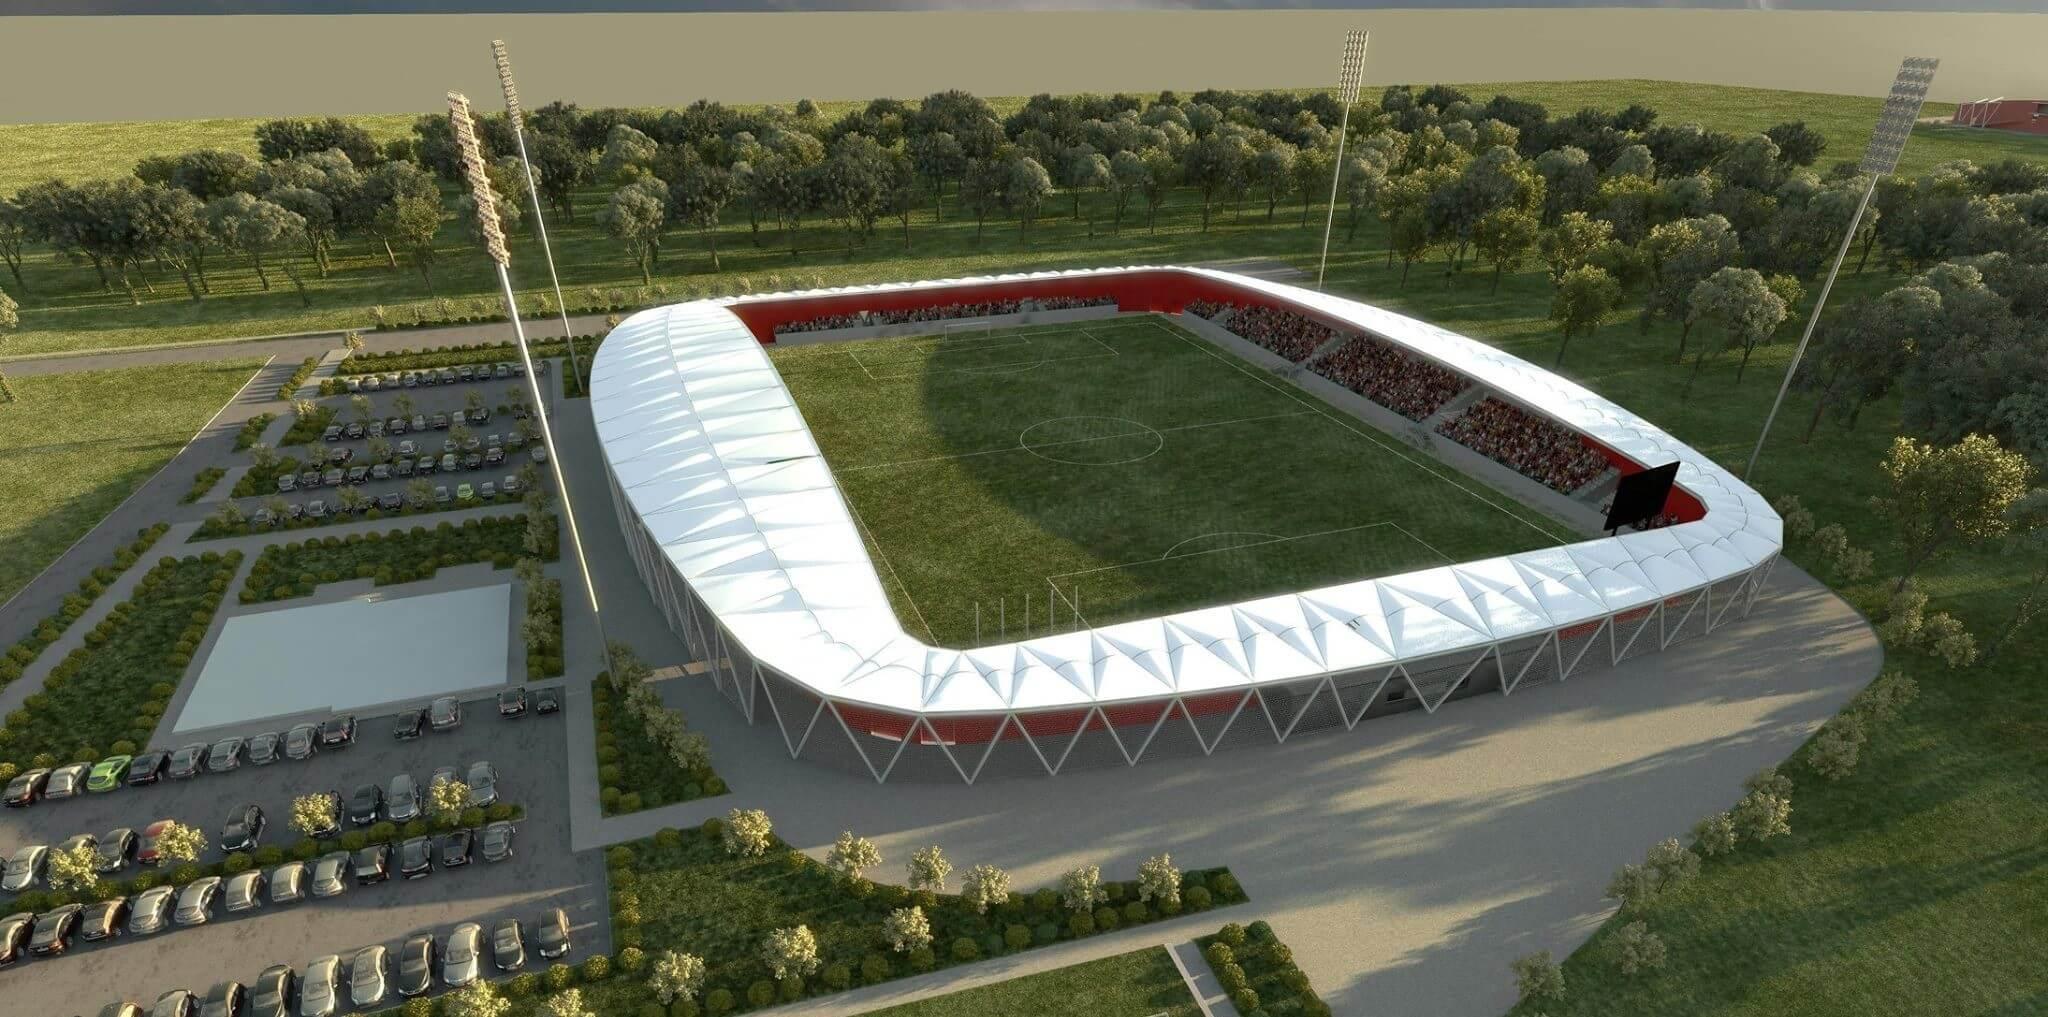 Kivitelezőre talált Kisvárda futballstadionja